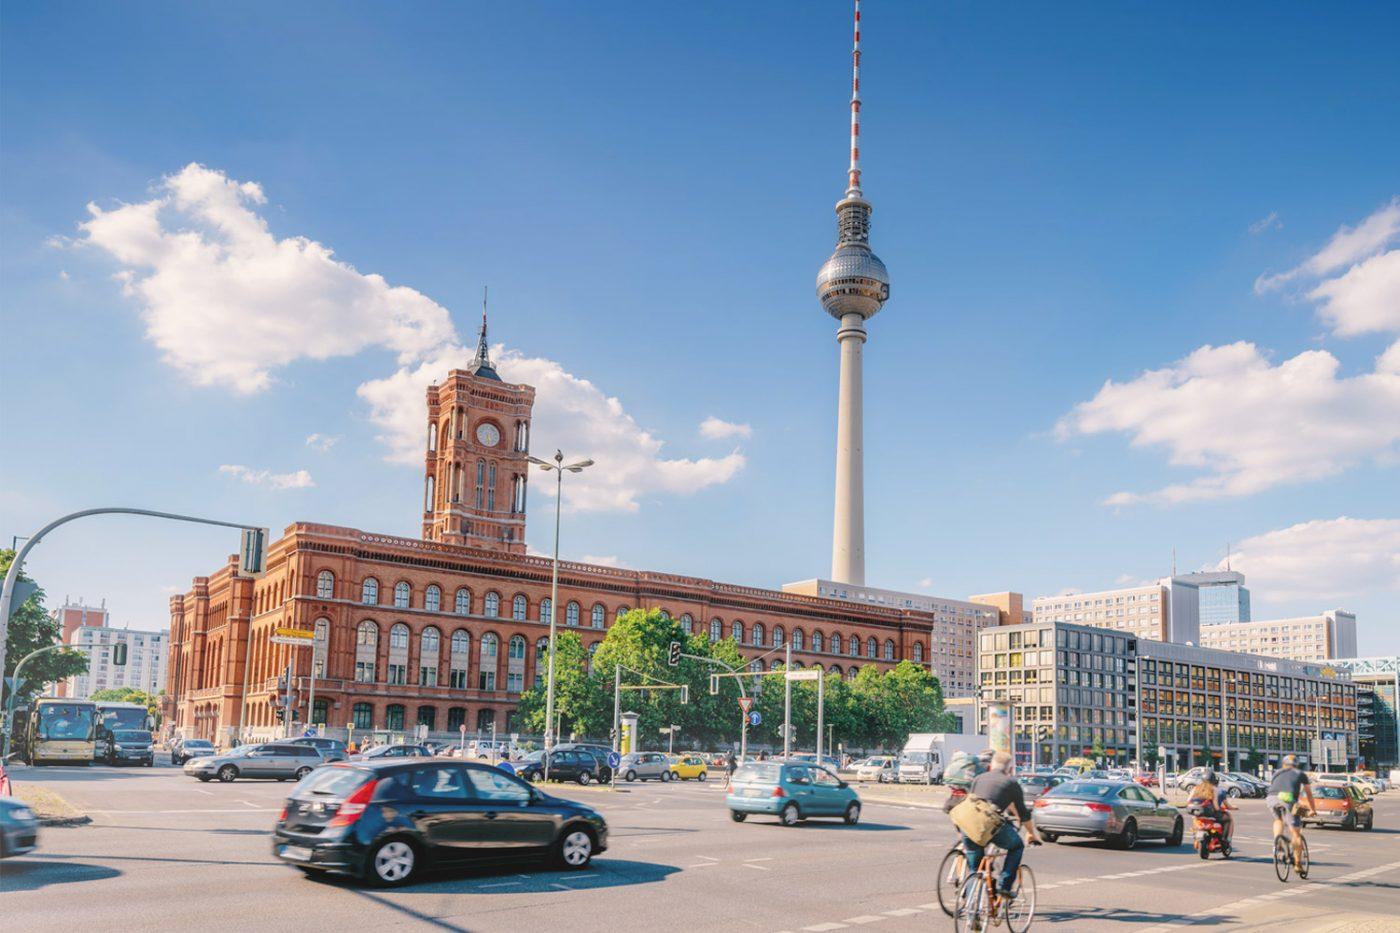 Das Rote Rathaus und der Fernsehturm in Berlin.